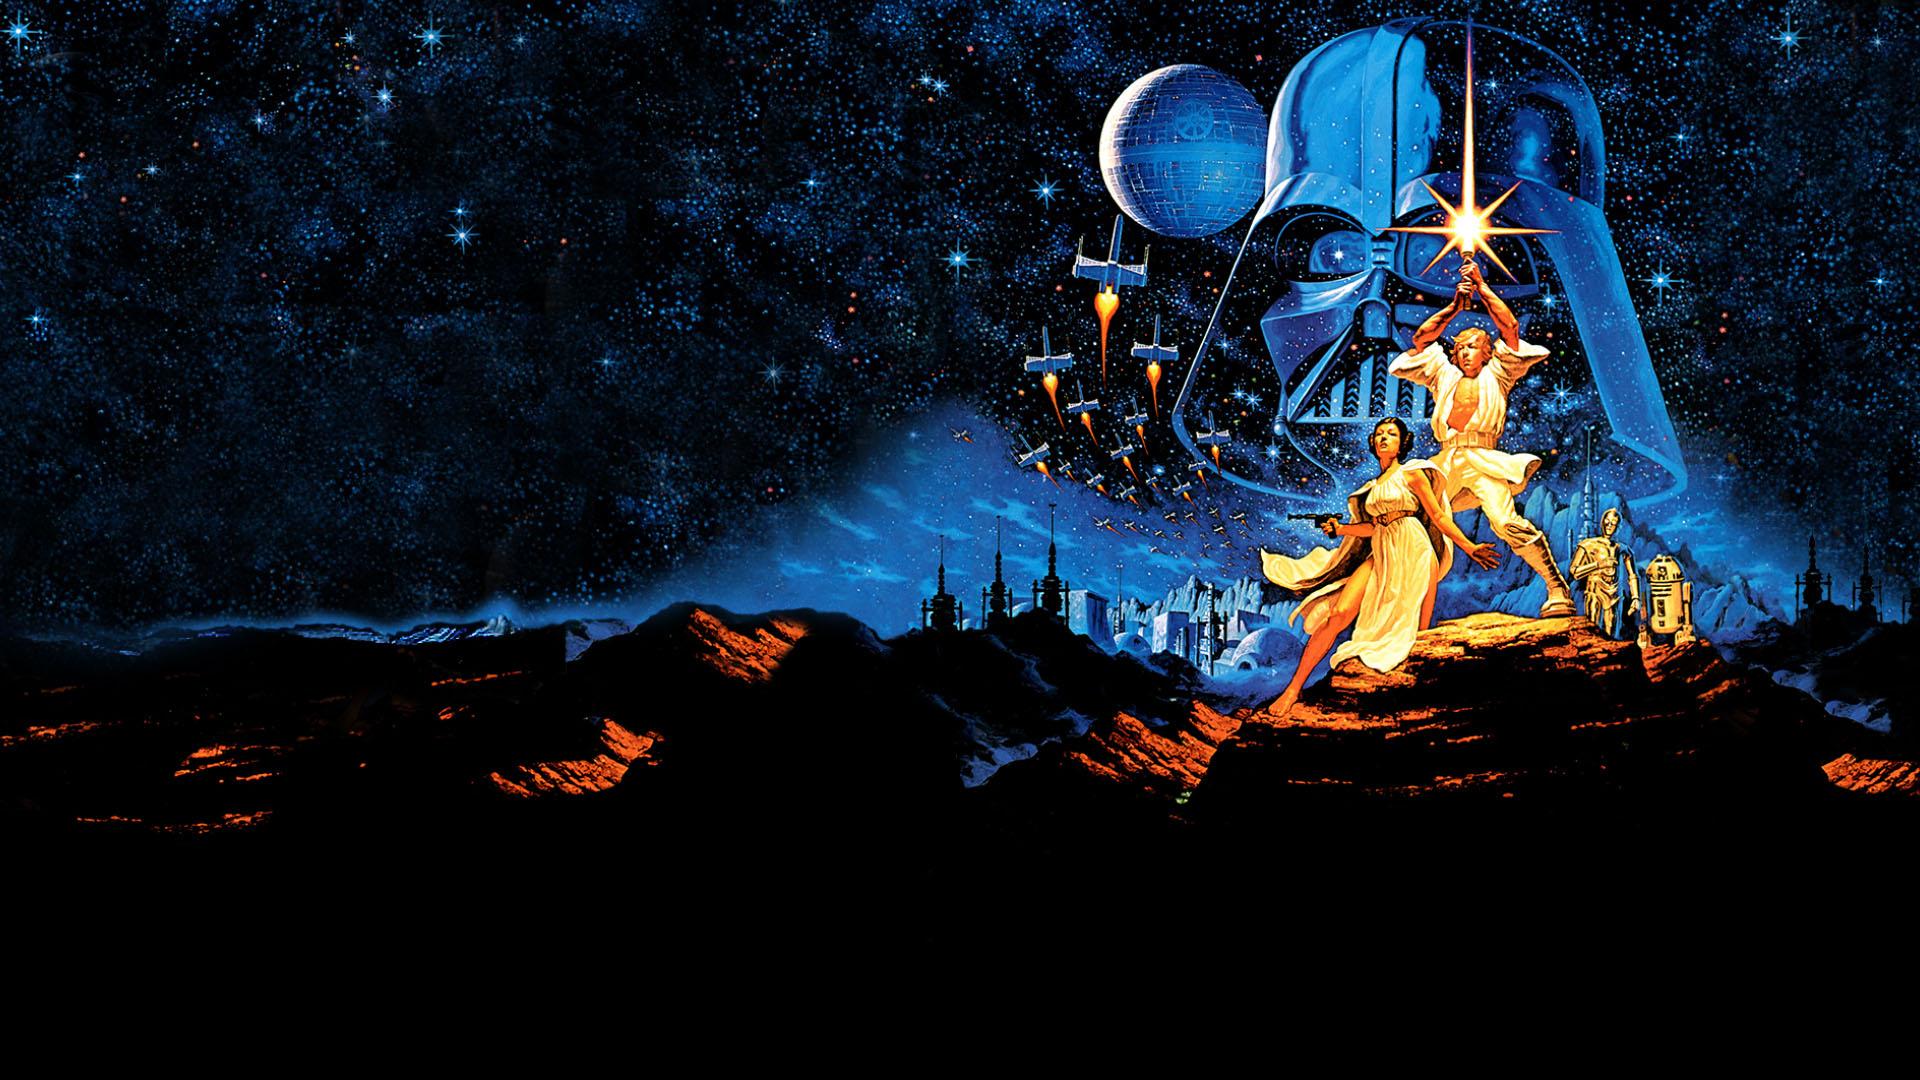 Star wars wallpaper HD 1920x1080